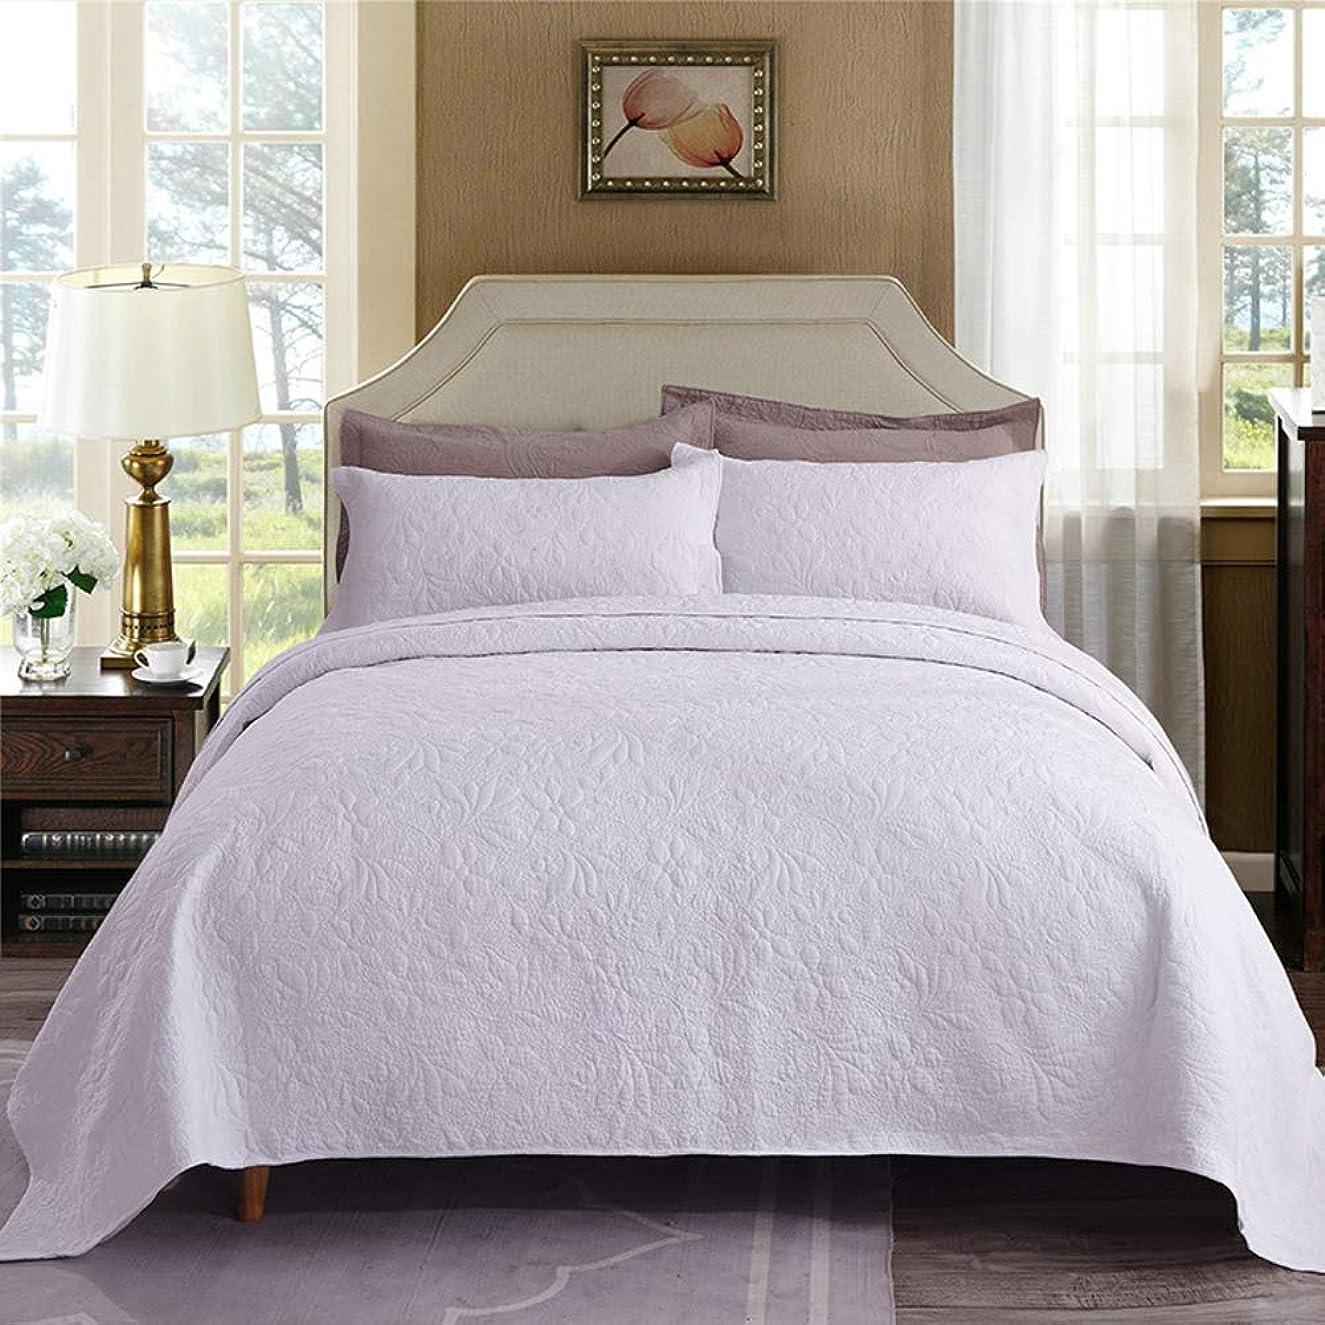 オーストラリア磁気ライバルキルト な 単色 ベッド, 多機能 エアコン-条件付きキルト マット?タタミ 元に戻せる状態 3 個入り 毛布 ベッド カバー-w 250x270cm